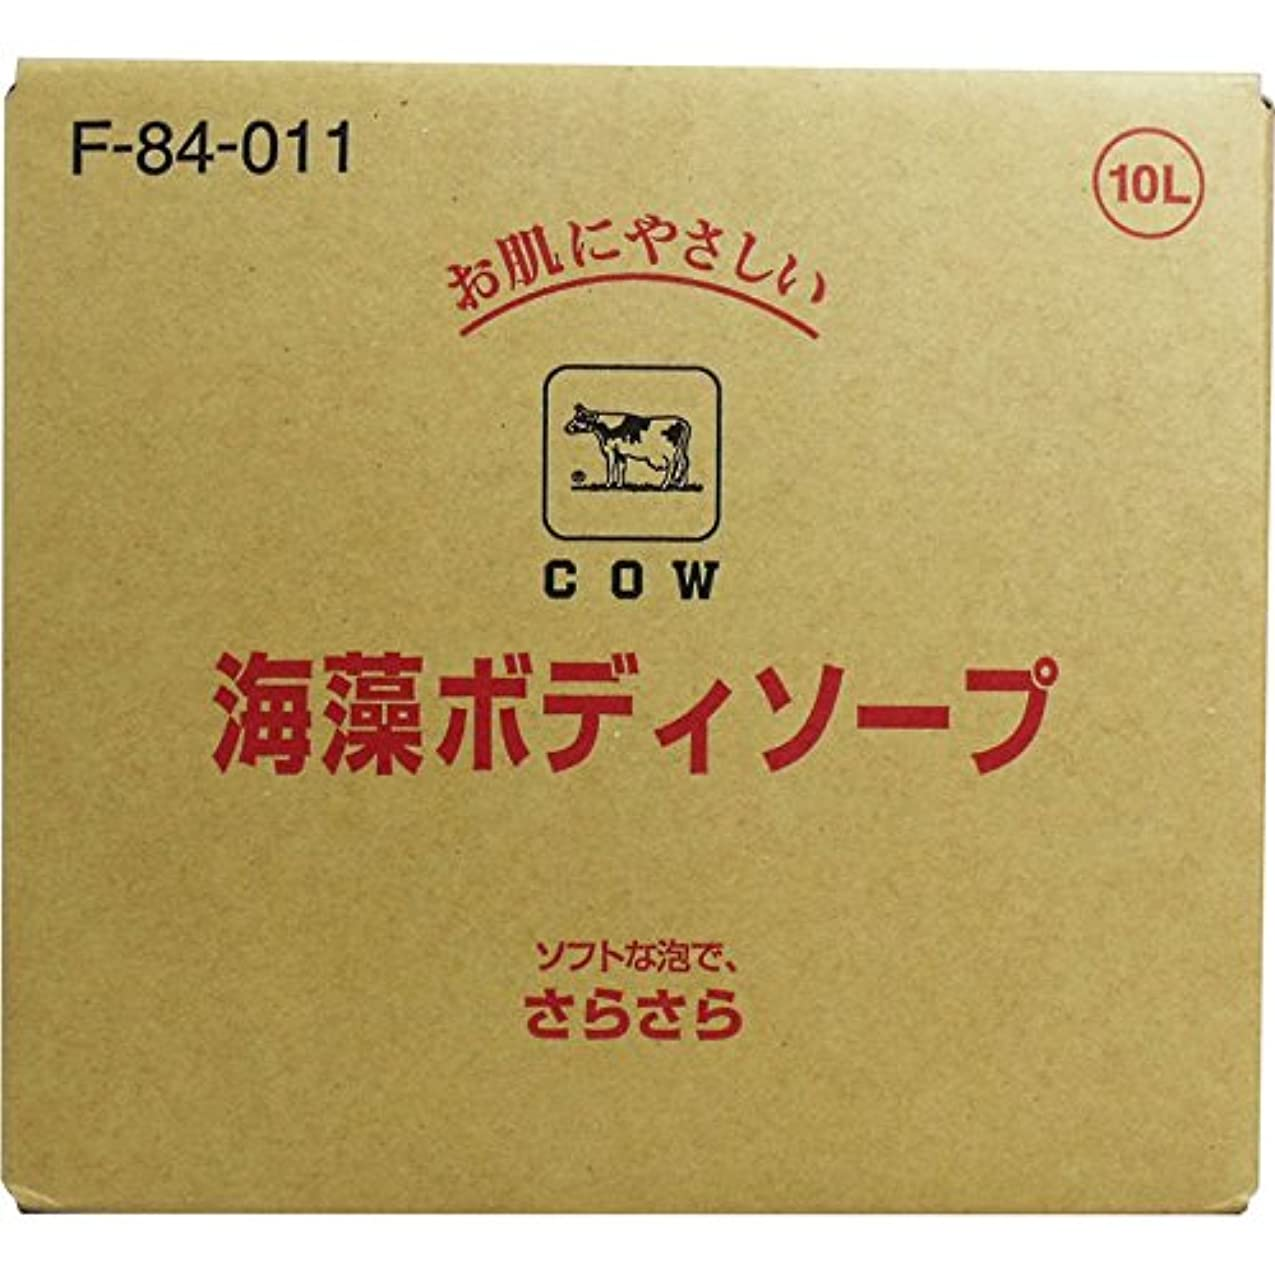 診断する恐れ浸漬ボディ 石けん詰め替え さらさらした洗い心地 便利商品 牛乳ブランド 海藻ボディソープ 業務用 10L